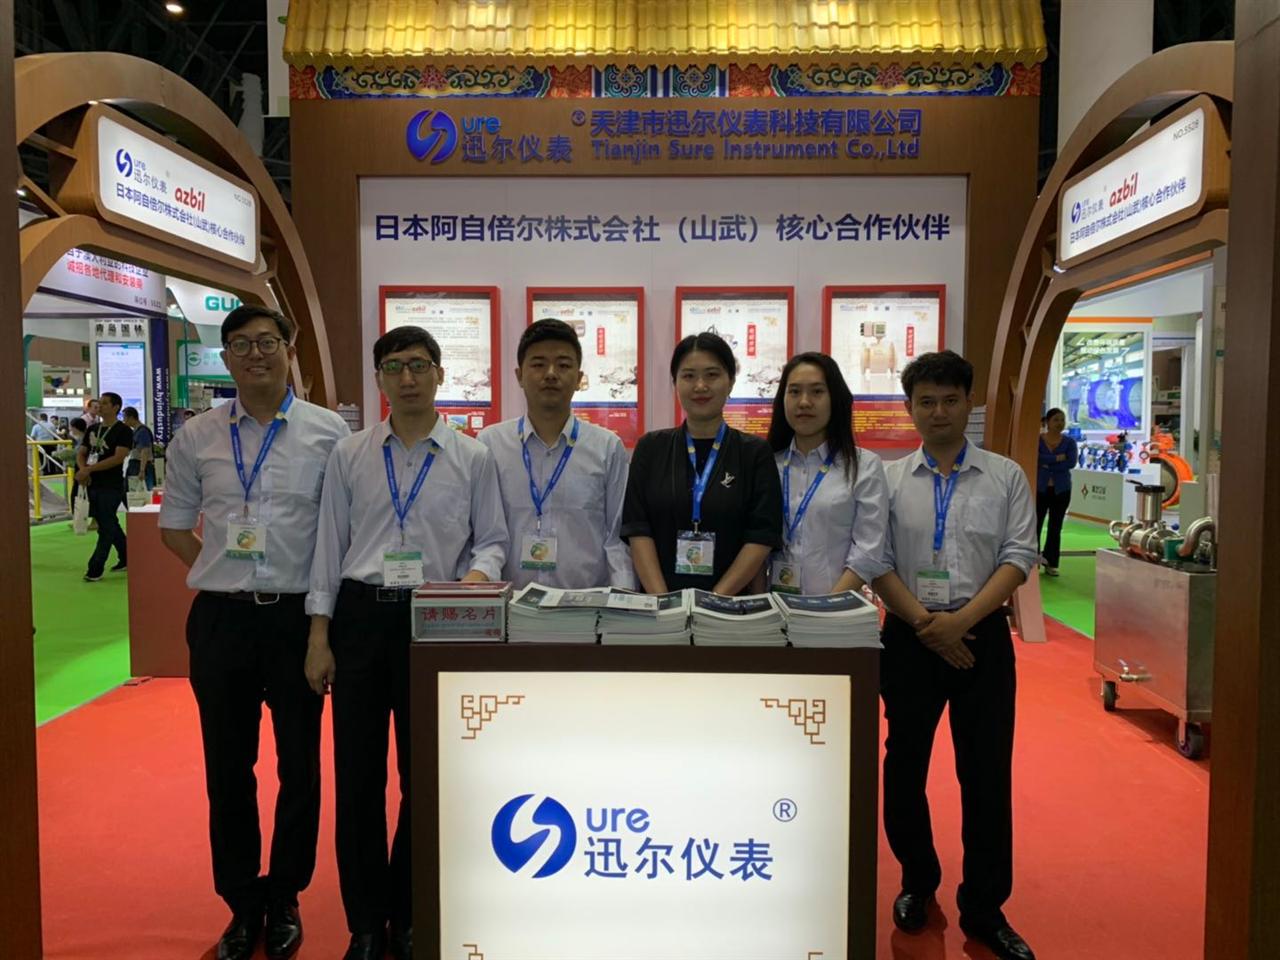 精彩回顾:迅尔亚博2019首届中国环博会成都展圆满结束